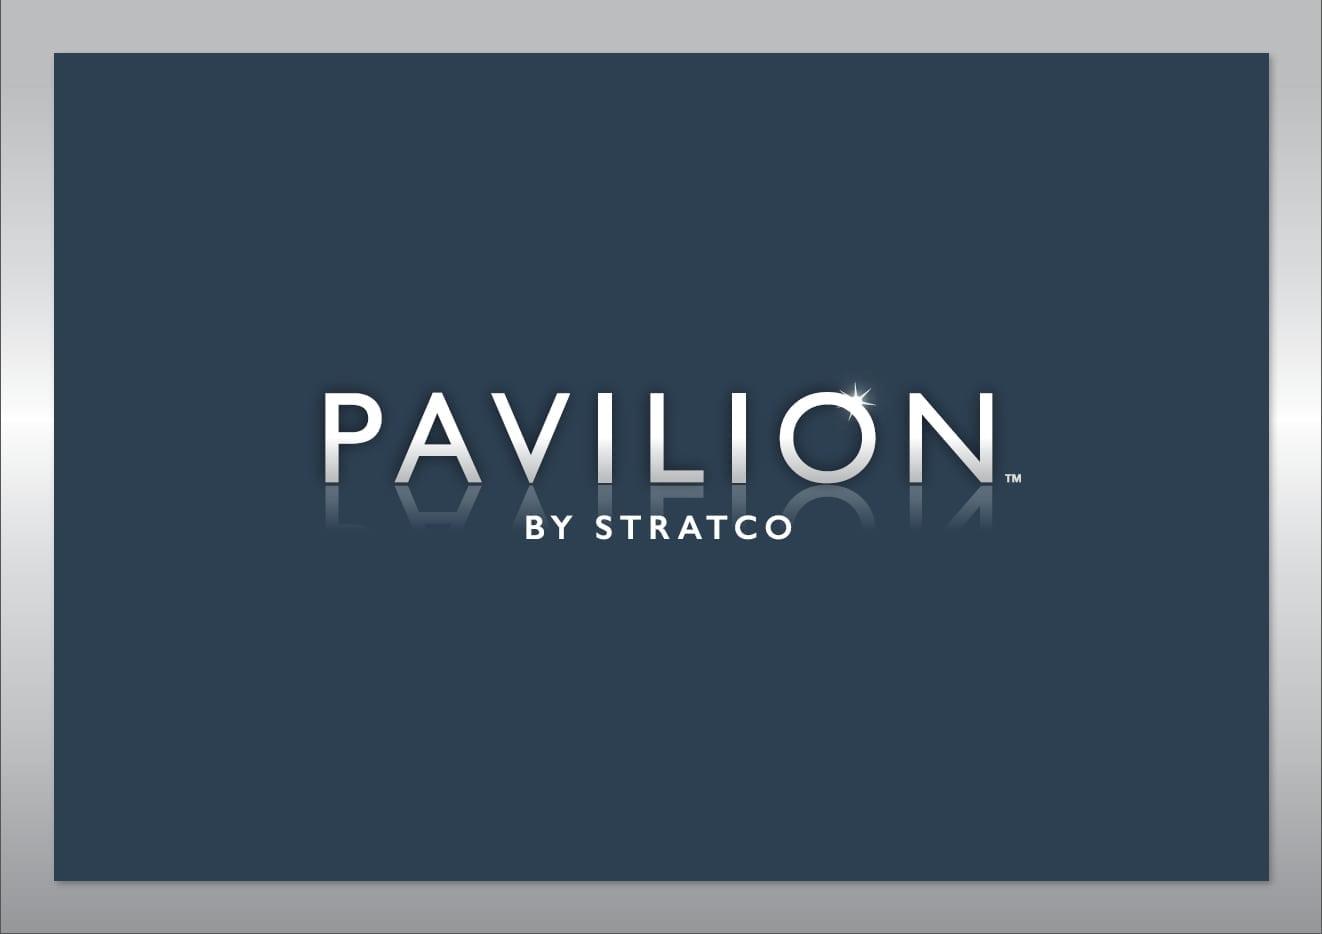 Pavilion - PDF Cover